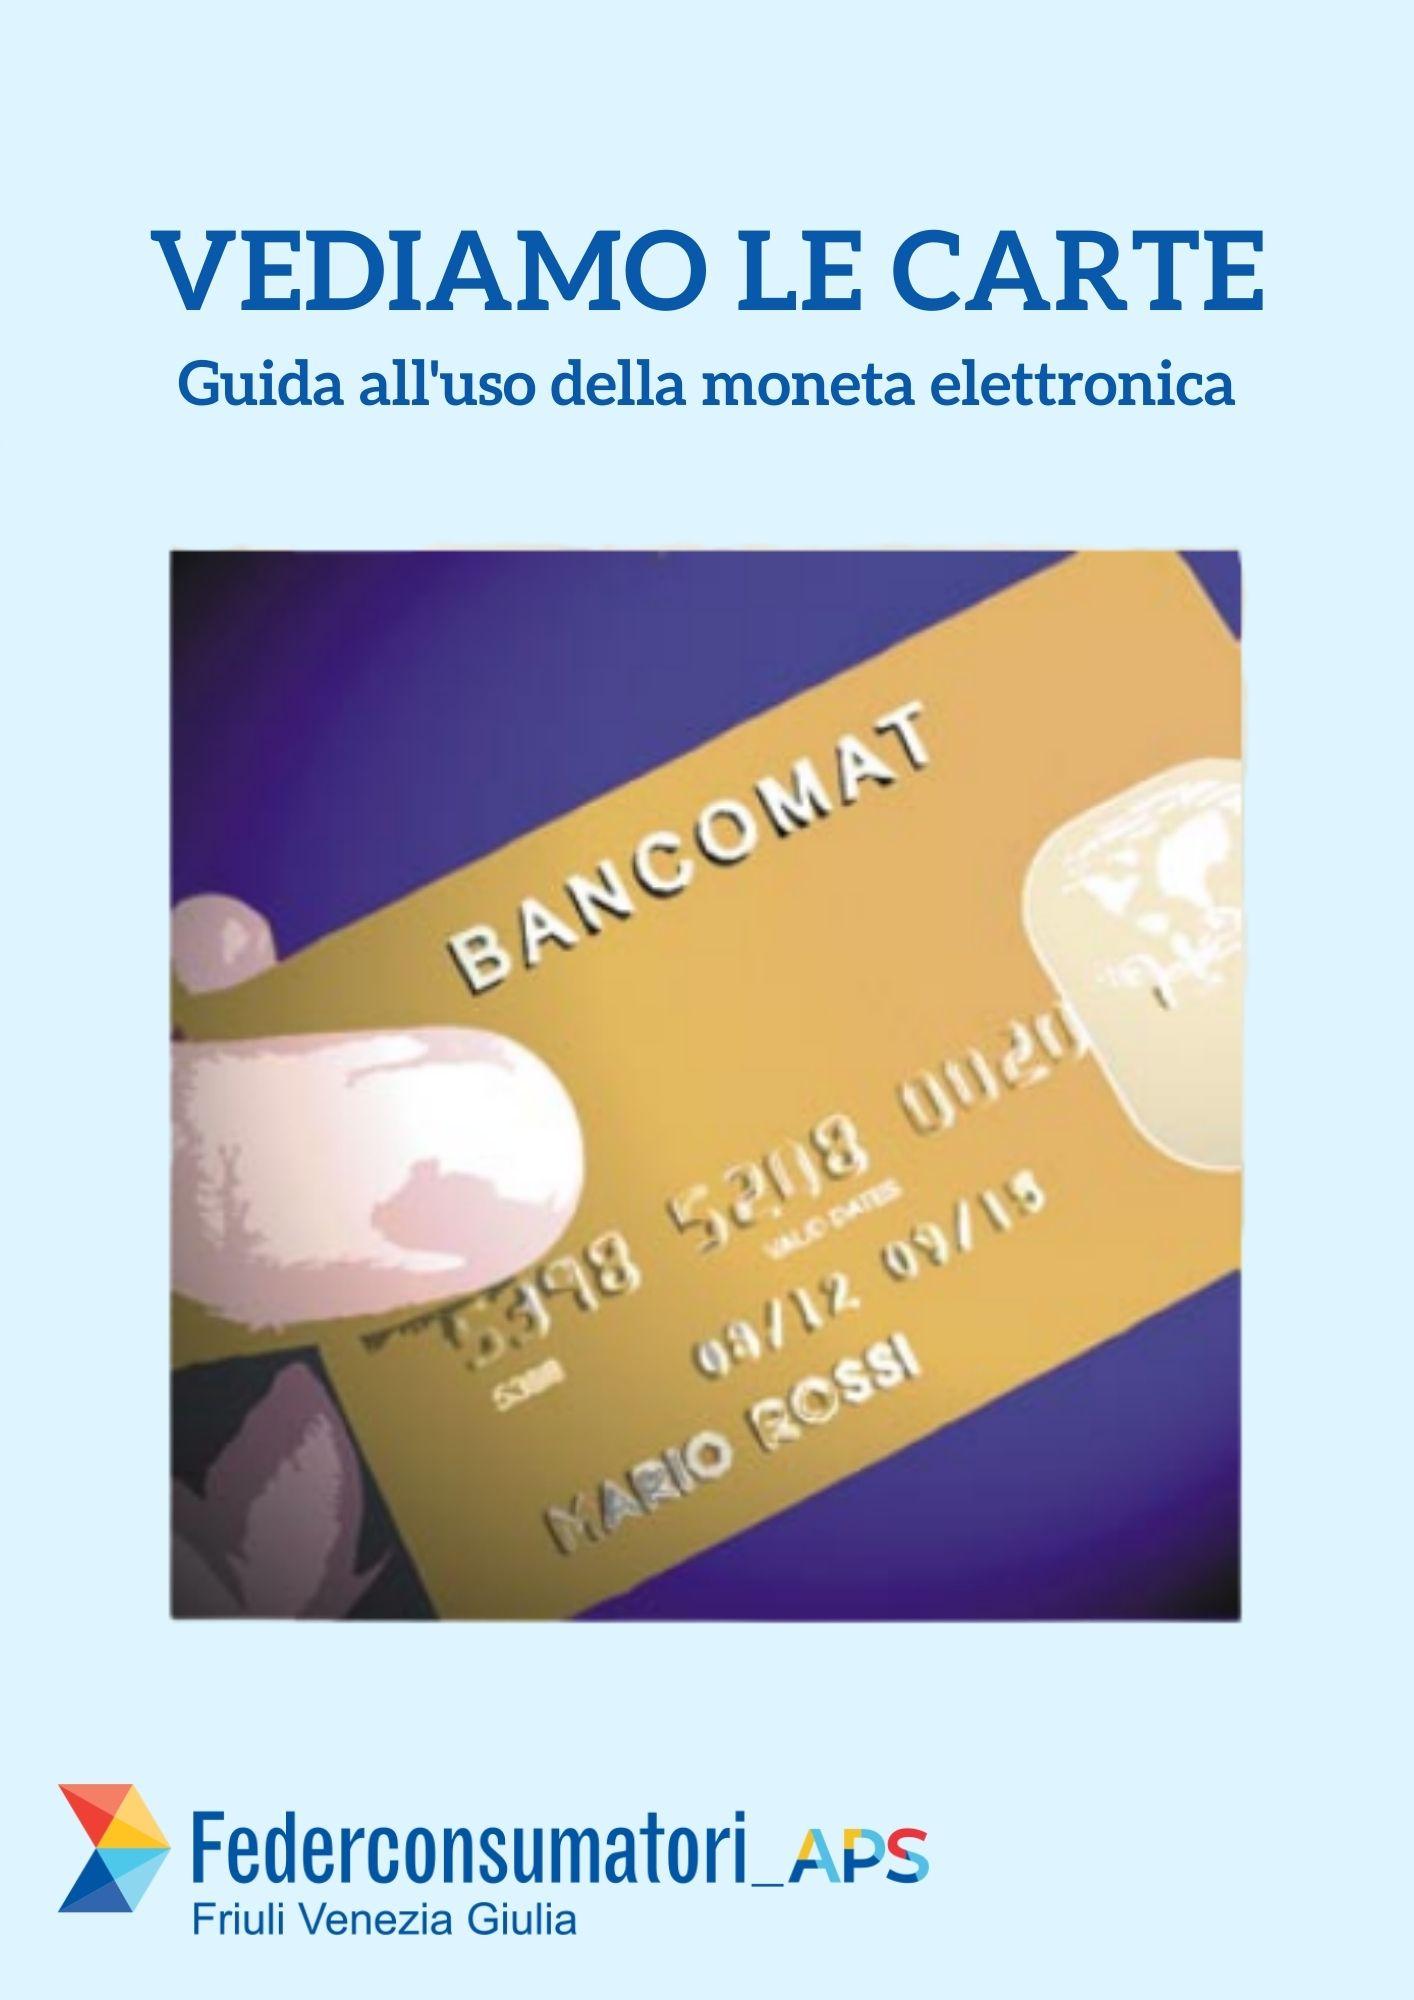 vediamo le carte guida all'uso della moneta elettronica